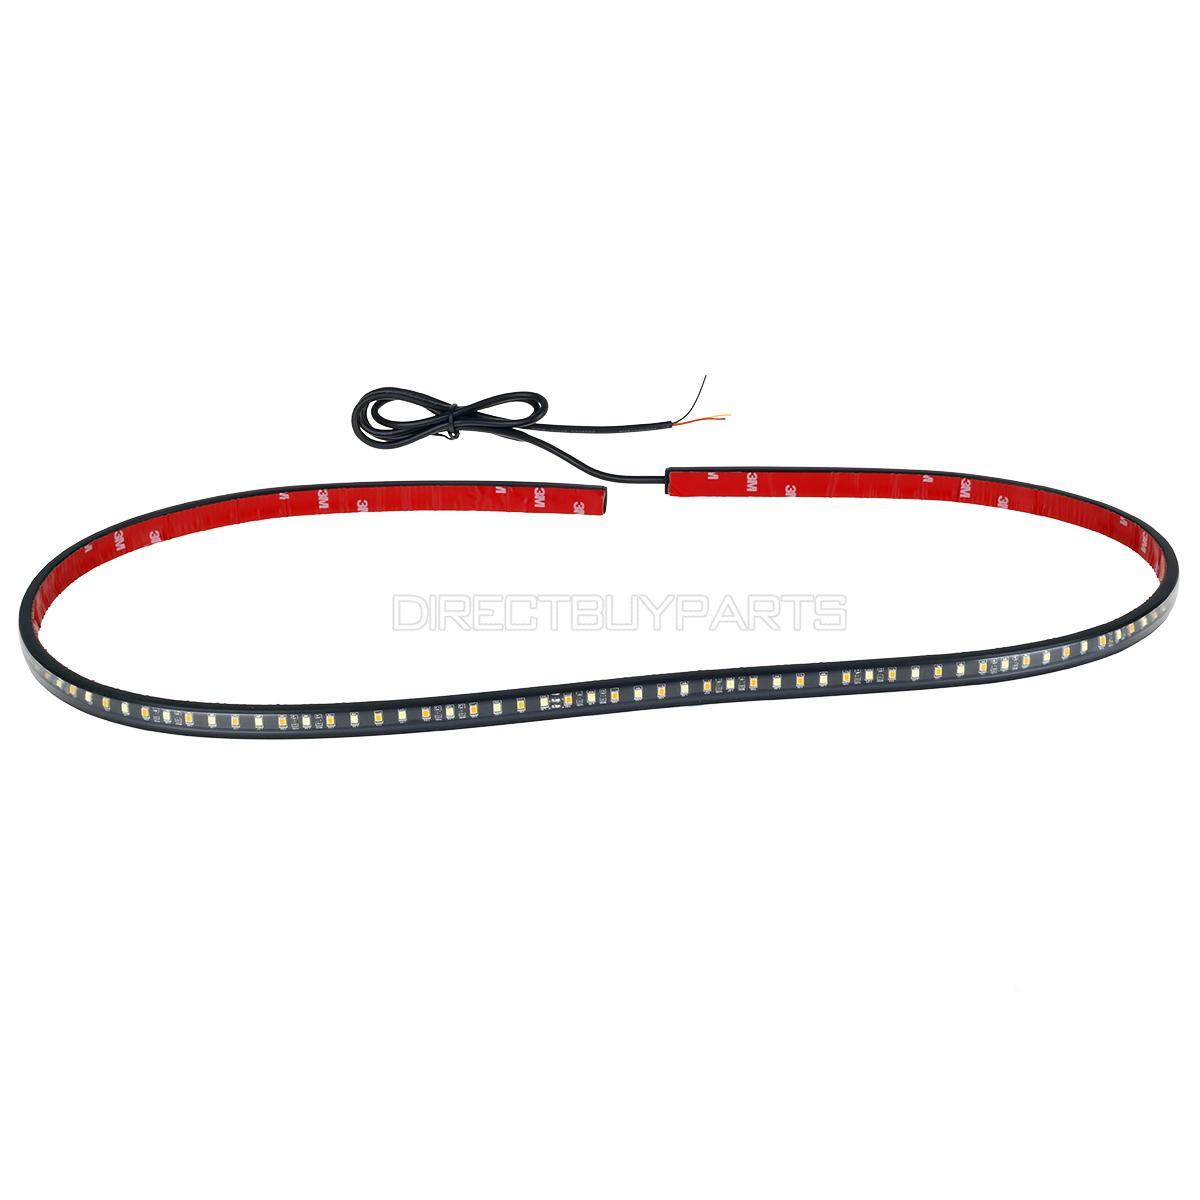 Running Board Step Bar Led Light Kit 48 Long 60 Amber 60 White 12v